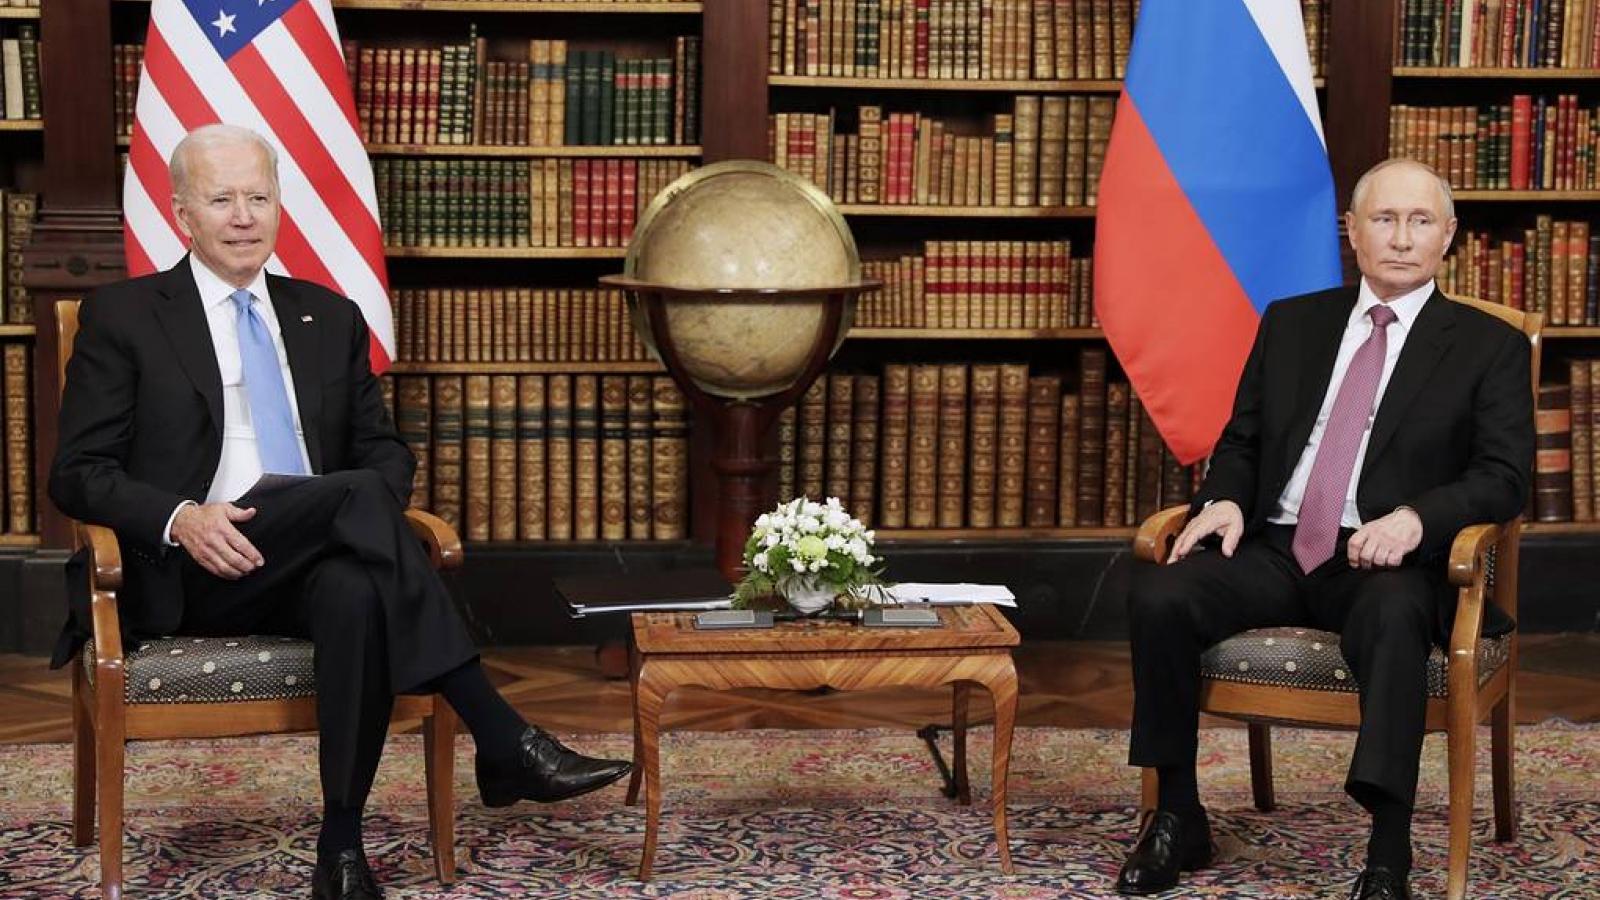 Nga và Mỹ tiếp tục kéo dài Hiệp ước START-3 thêm 5 năm